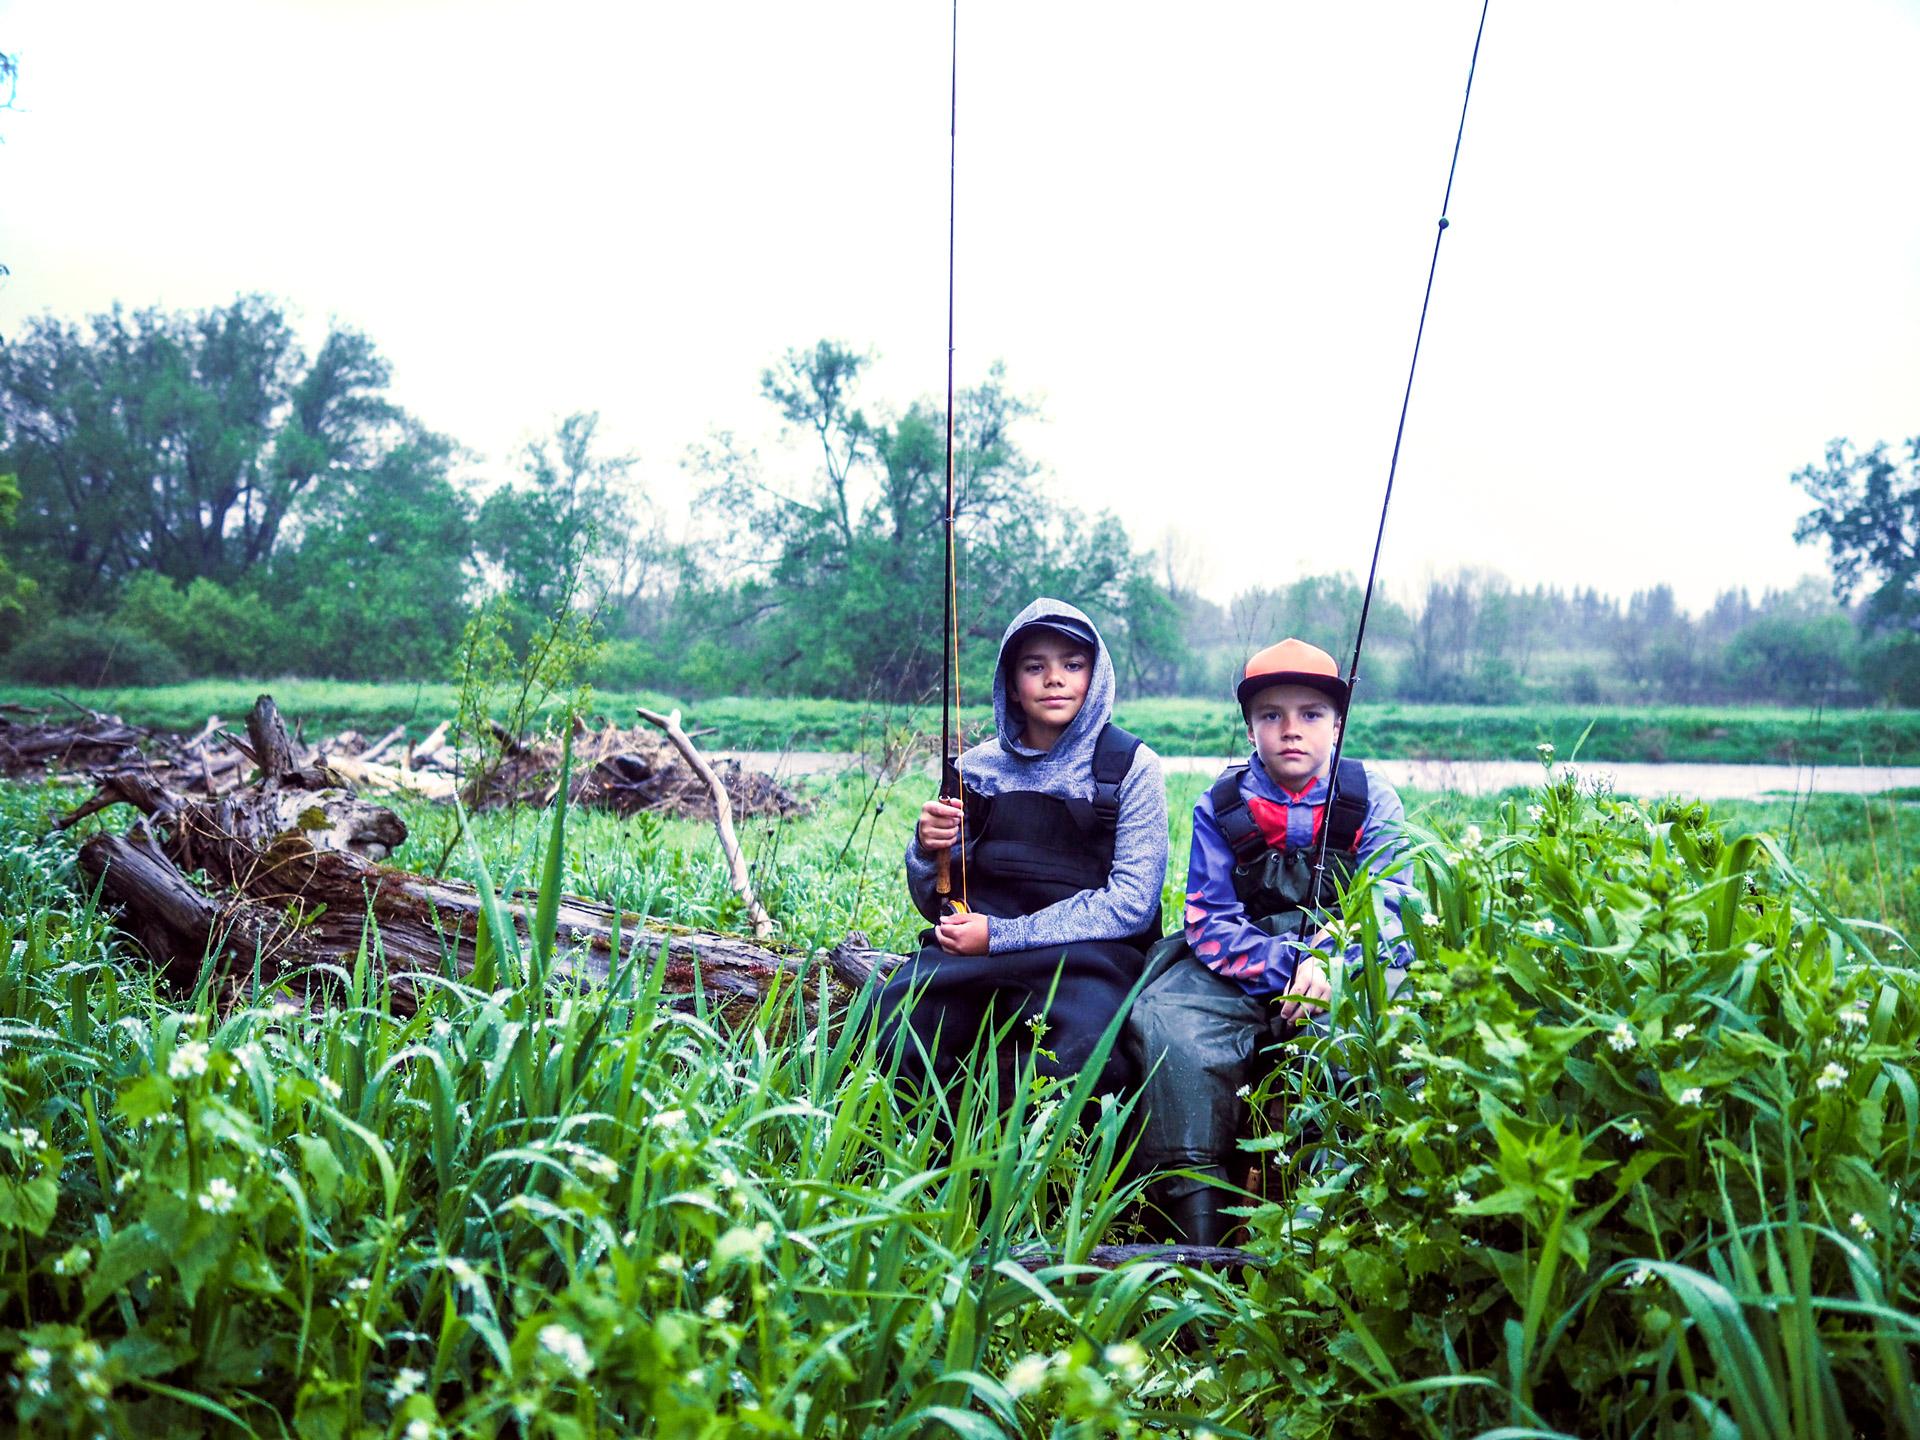 alle angeln - die app für angler